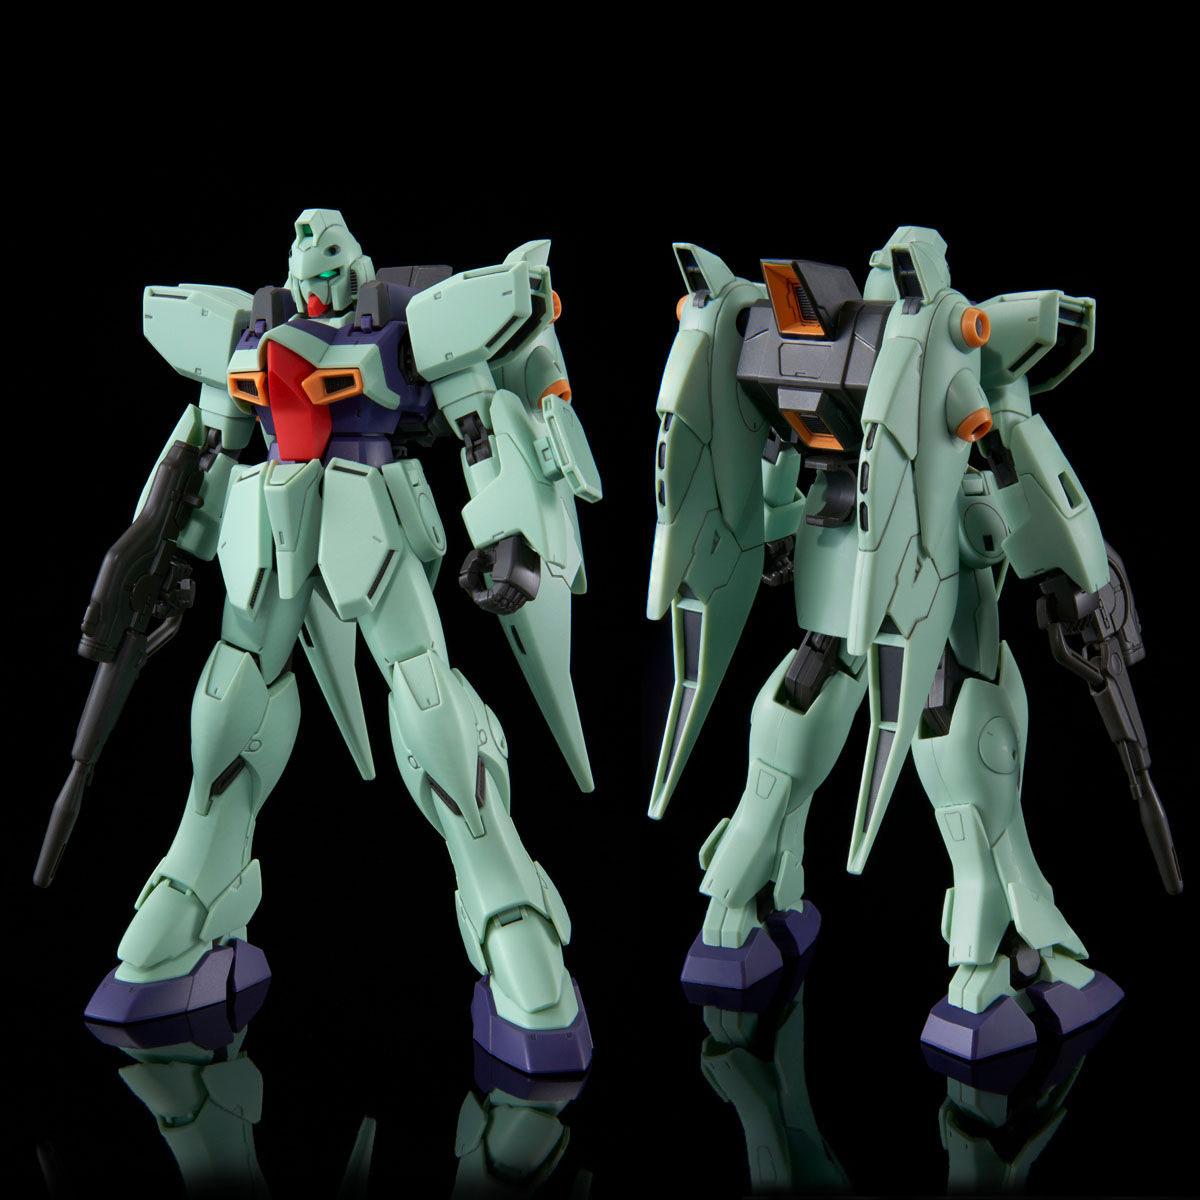 RE/100 1/100『ガンブラスター』Vガンダム プラモデル-002